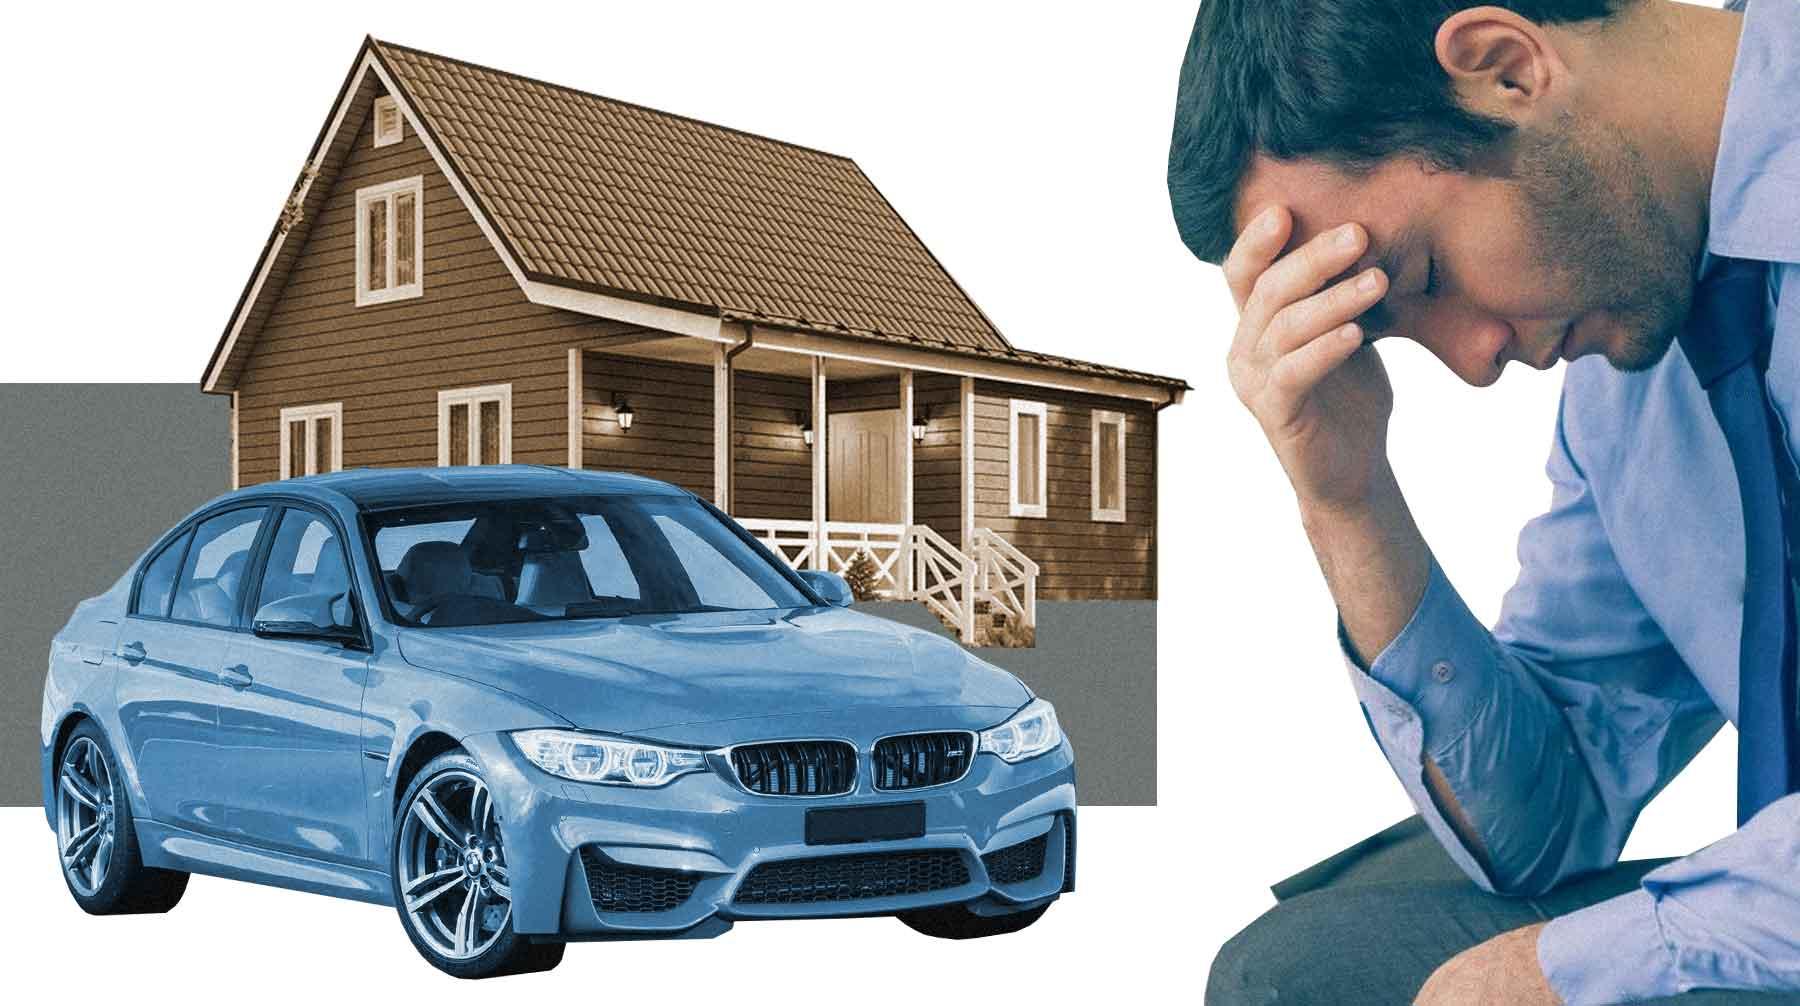 запрет на займы под залог недвижимости как взять деньги в кредит на киевстар